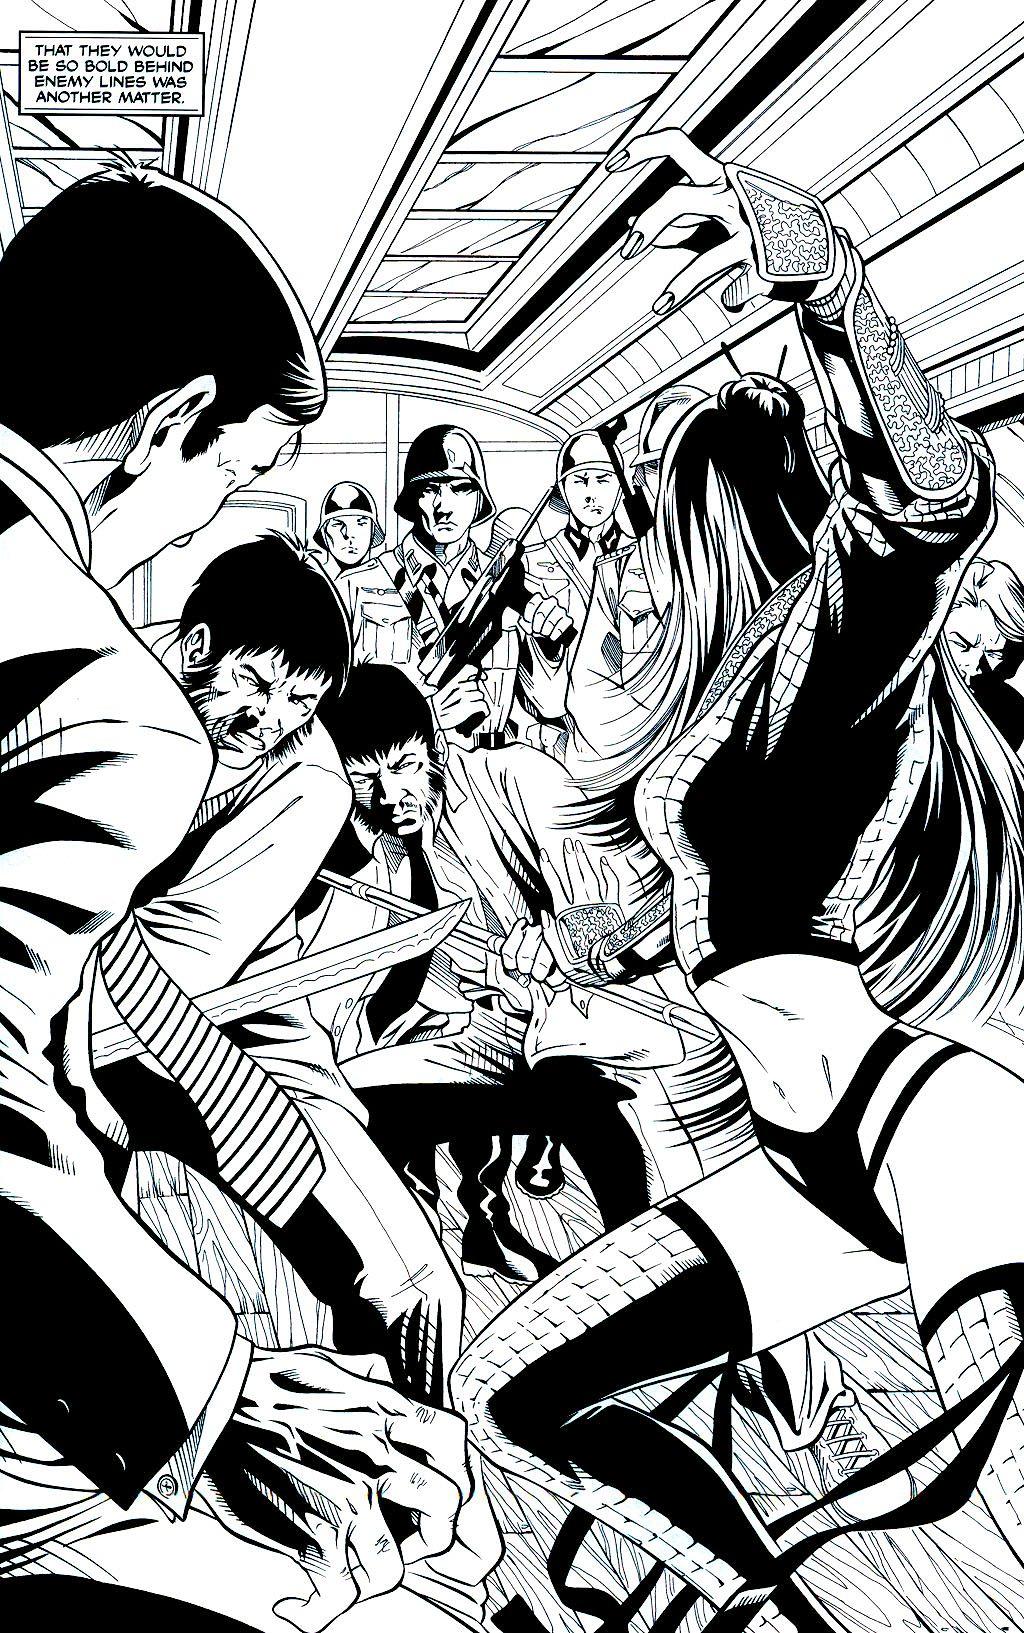 Read online Shi: Sempo comic -  Issue #2 - 5